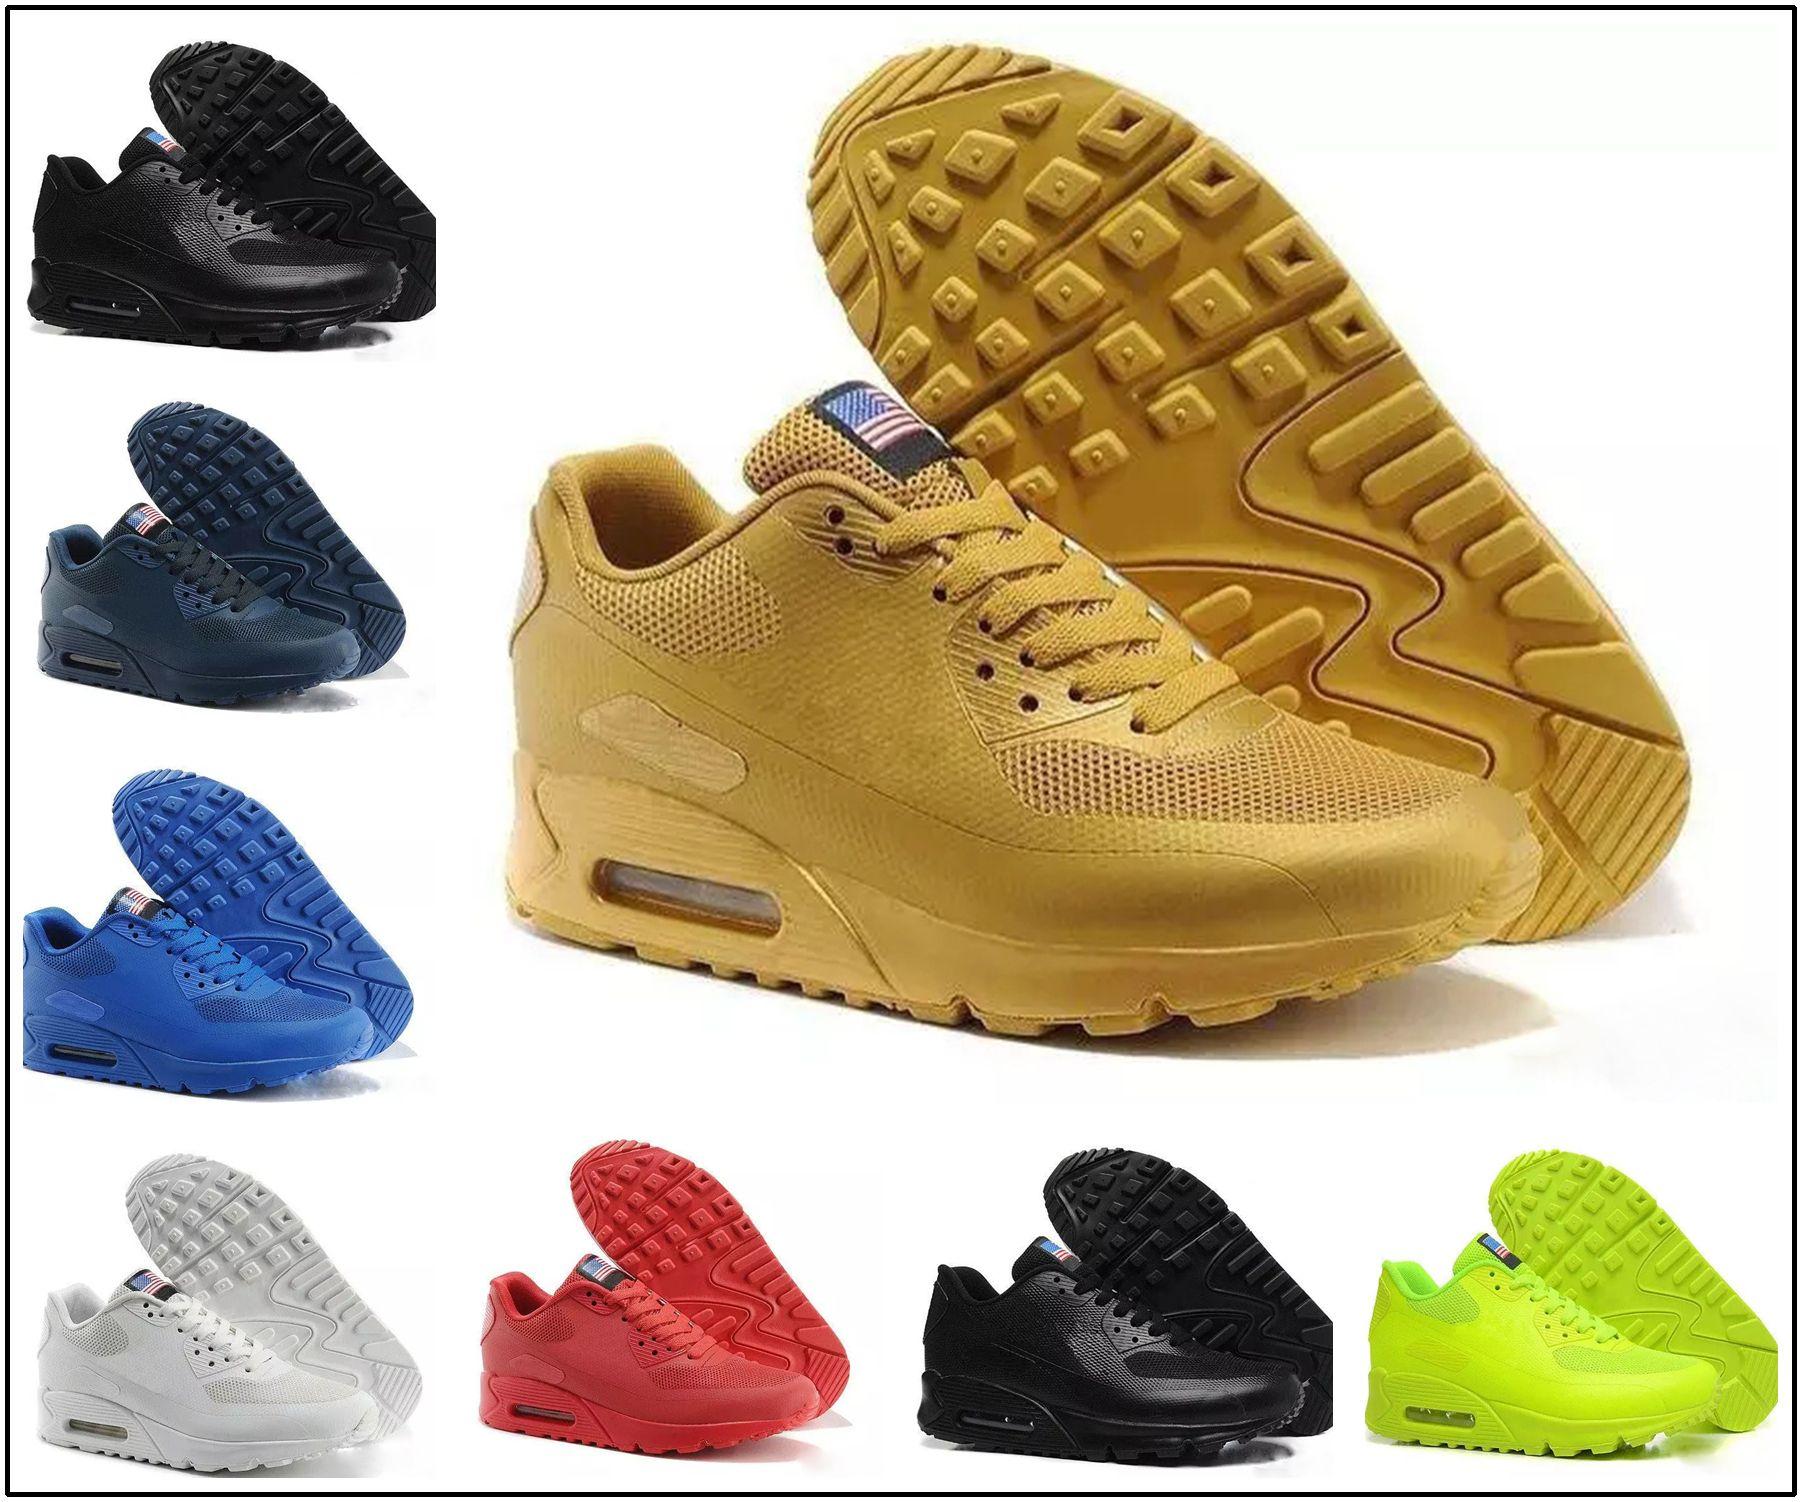 wholesale dealer 55c09 b90a4 Großhandel Nike Air Max 90 HYP PRM QS Günstige Alr 90 HYP PRM QS Herren  Damen Laufschuhe Alr 90s Amerikanische Flagge Schwarz Weiß Marineblau Gold  Silber ...